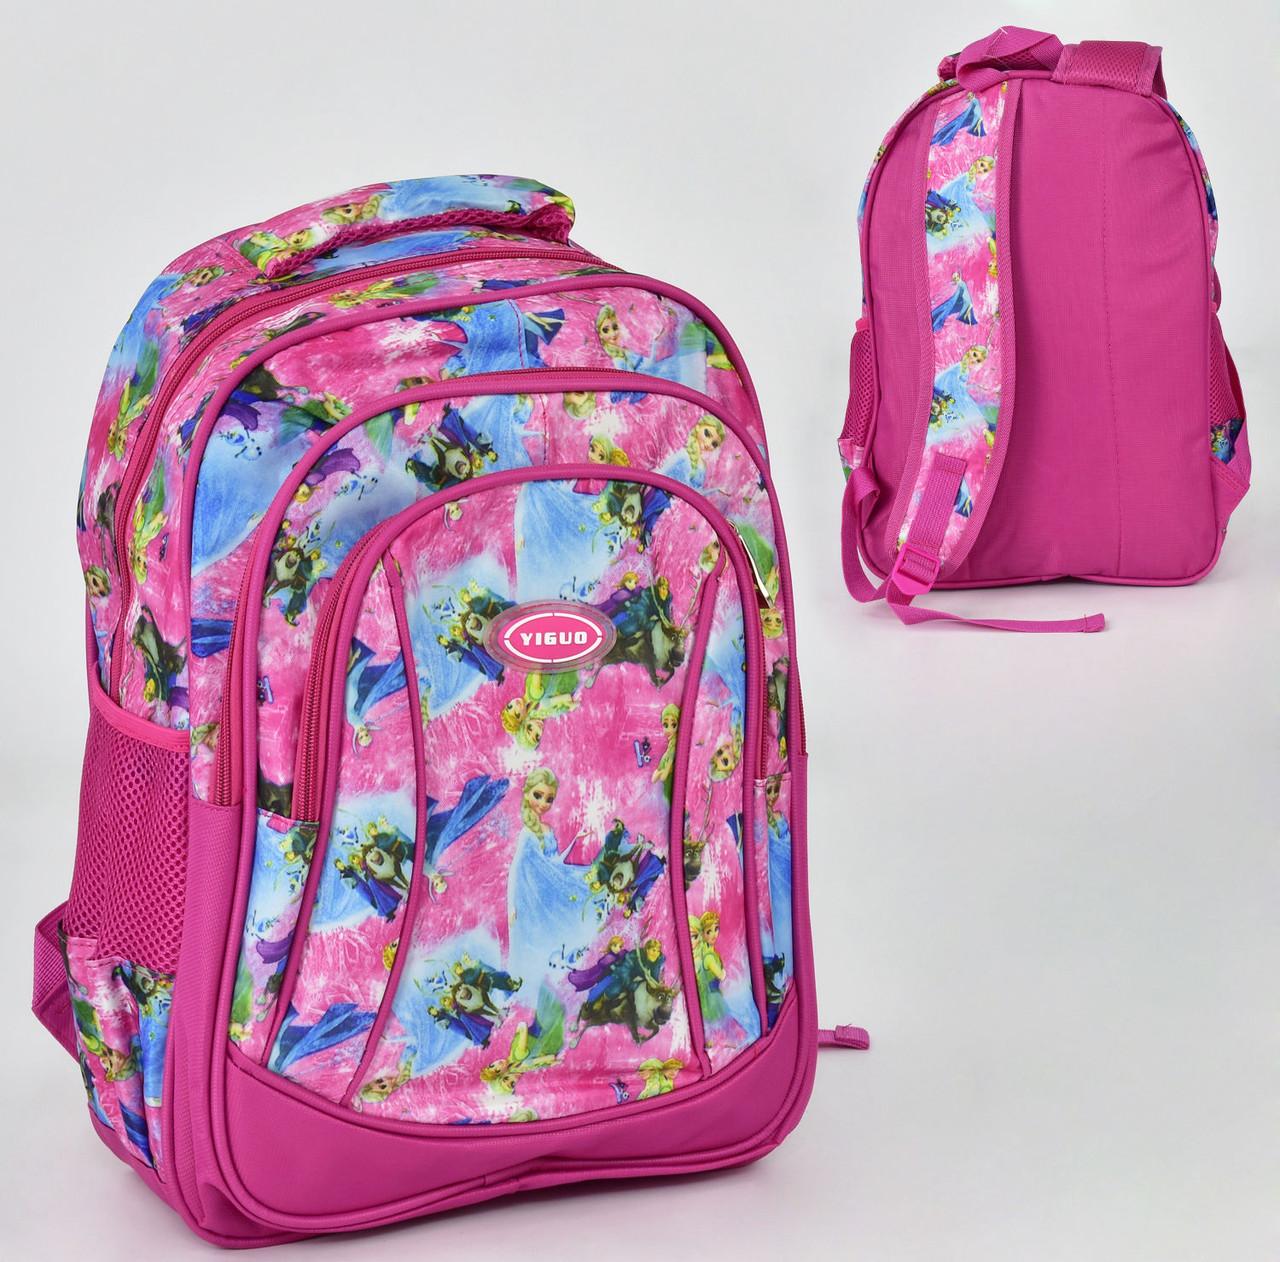 Рюкзак школьный 2 отделения, 3 кармана, мягкая спинка